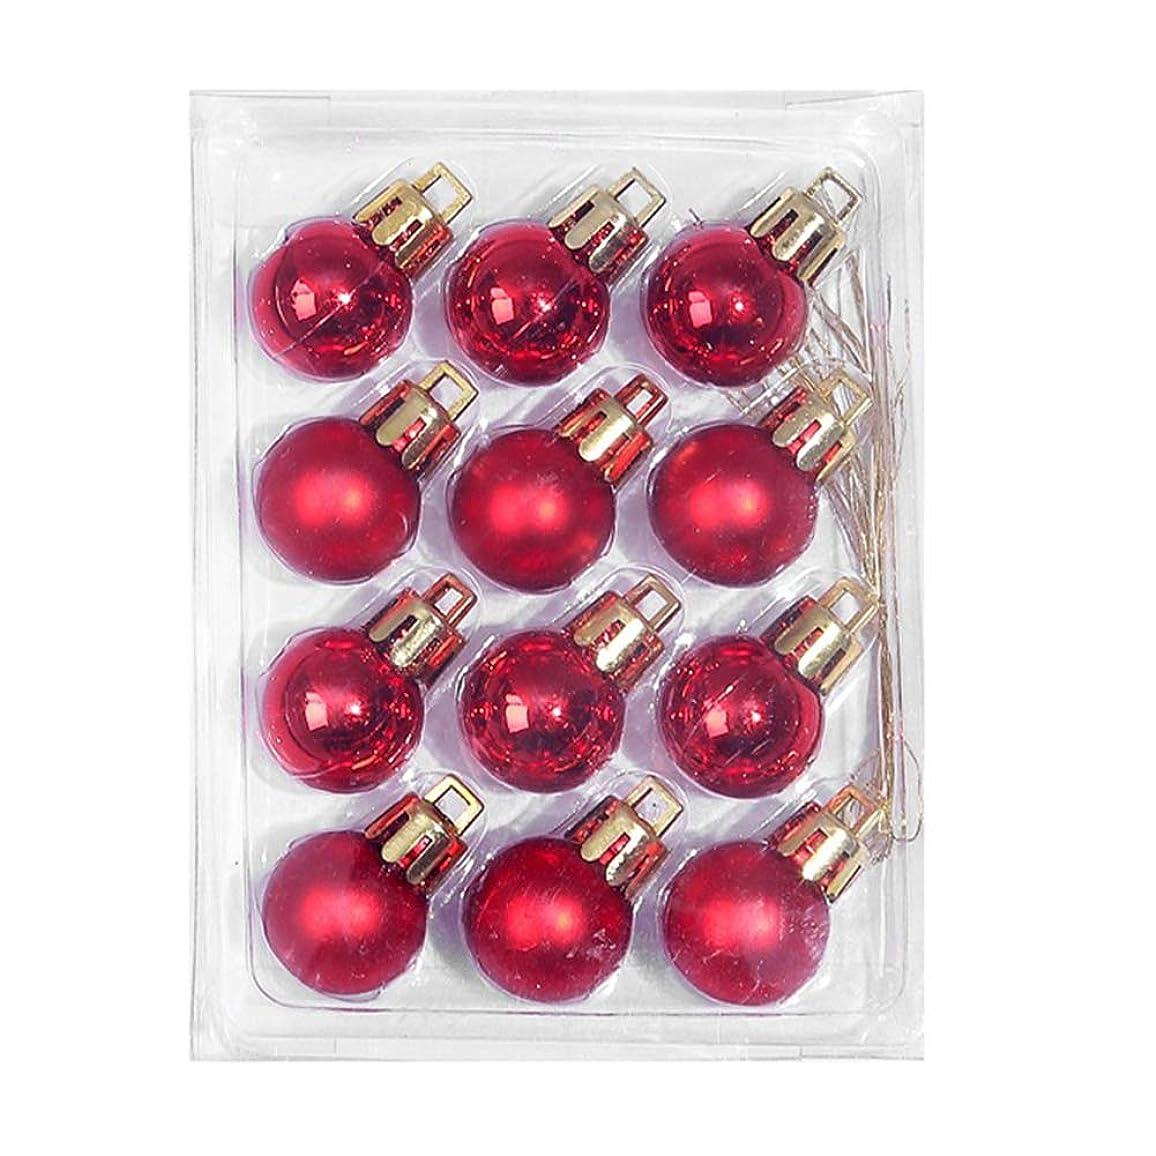 醸造所豪華な巨人クリスマスカラーボールクリスマスツリーディスプレイPVCボールクリスマスデコレーションギフトペンダント2cm12箱入り(ワインレッド)